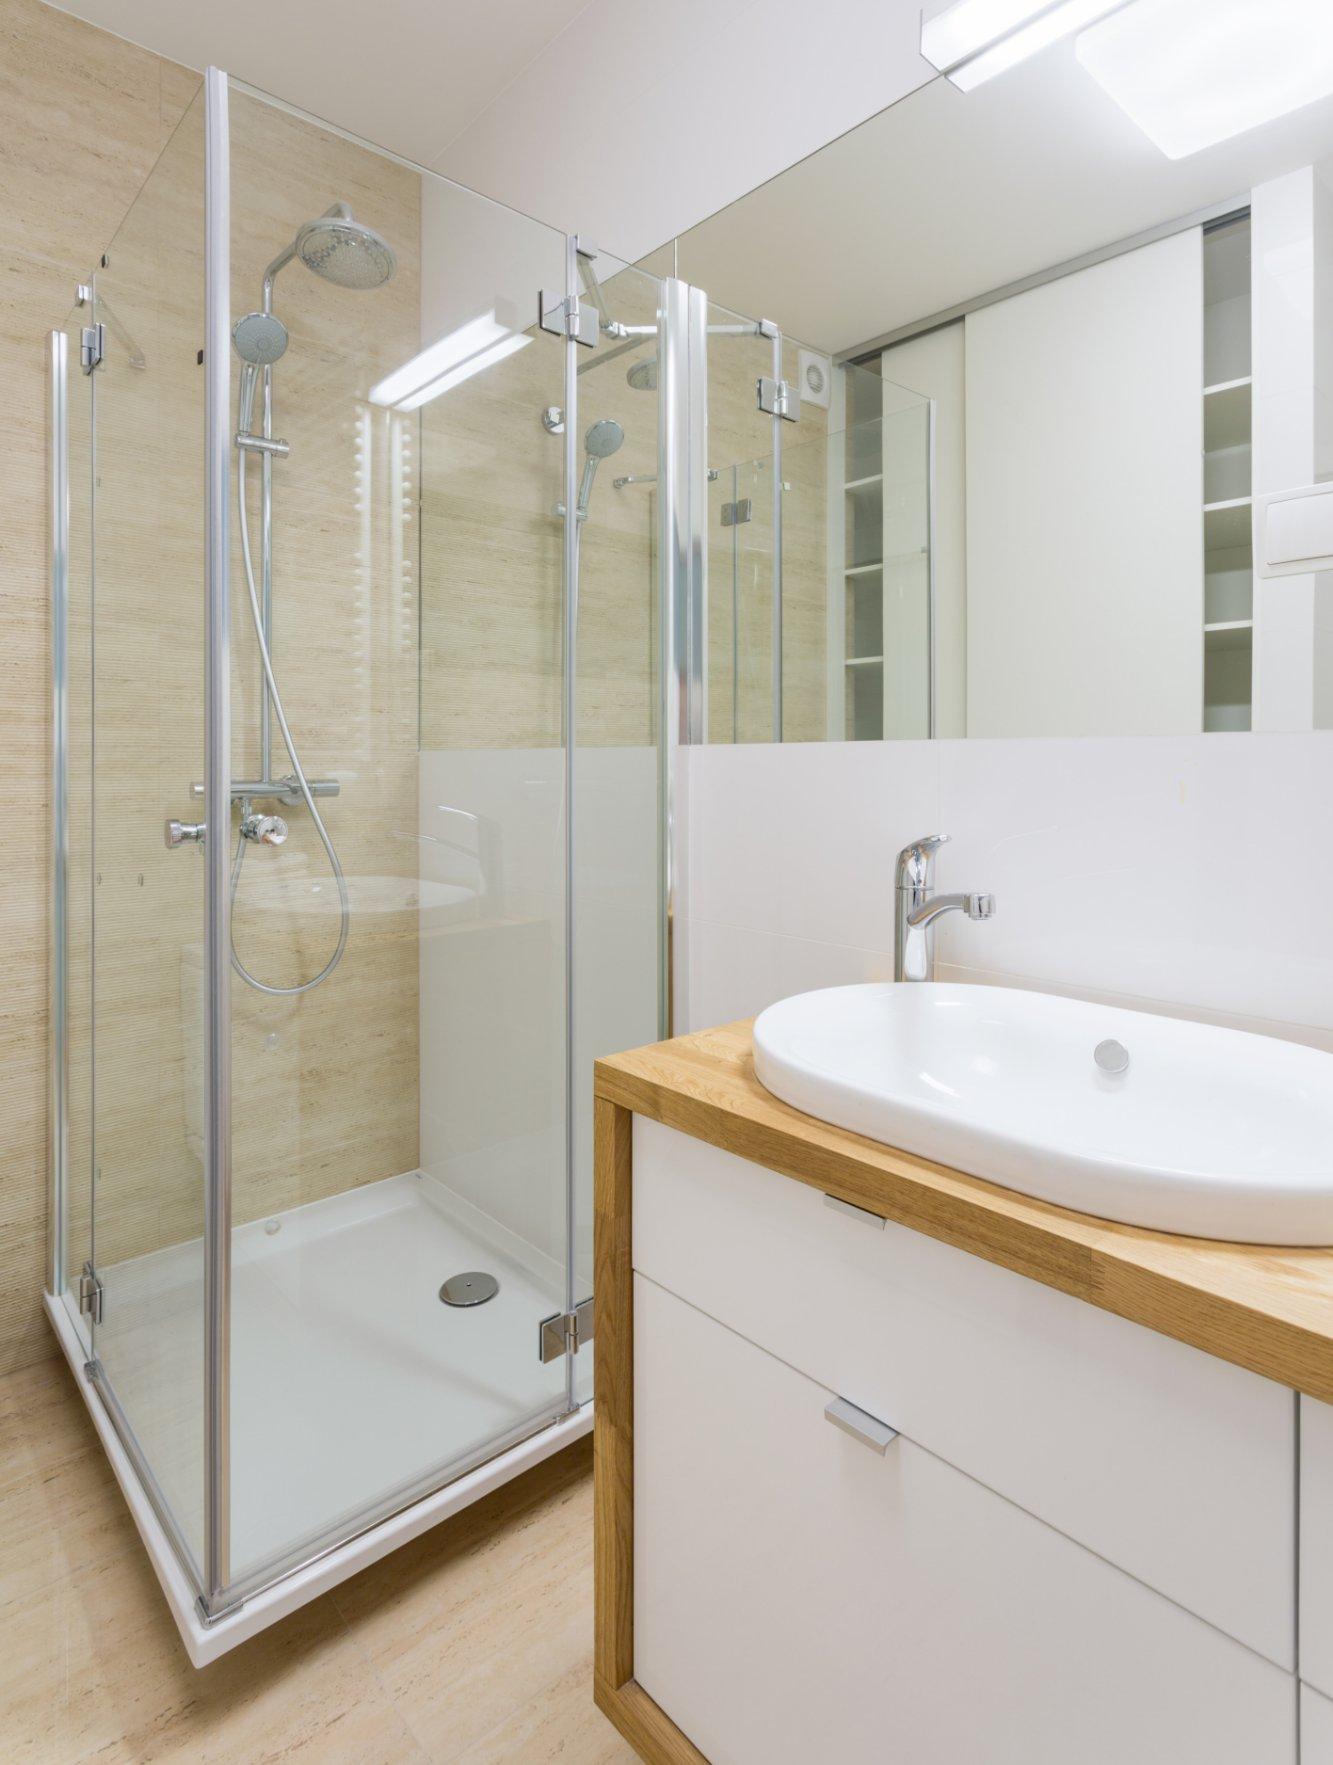 R novation sodev installateur depanneur a nimes dans le - Installateur salle de bain dunkerque ...